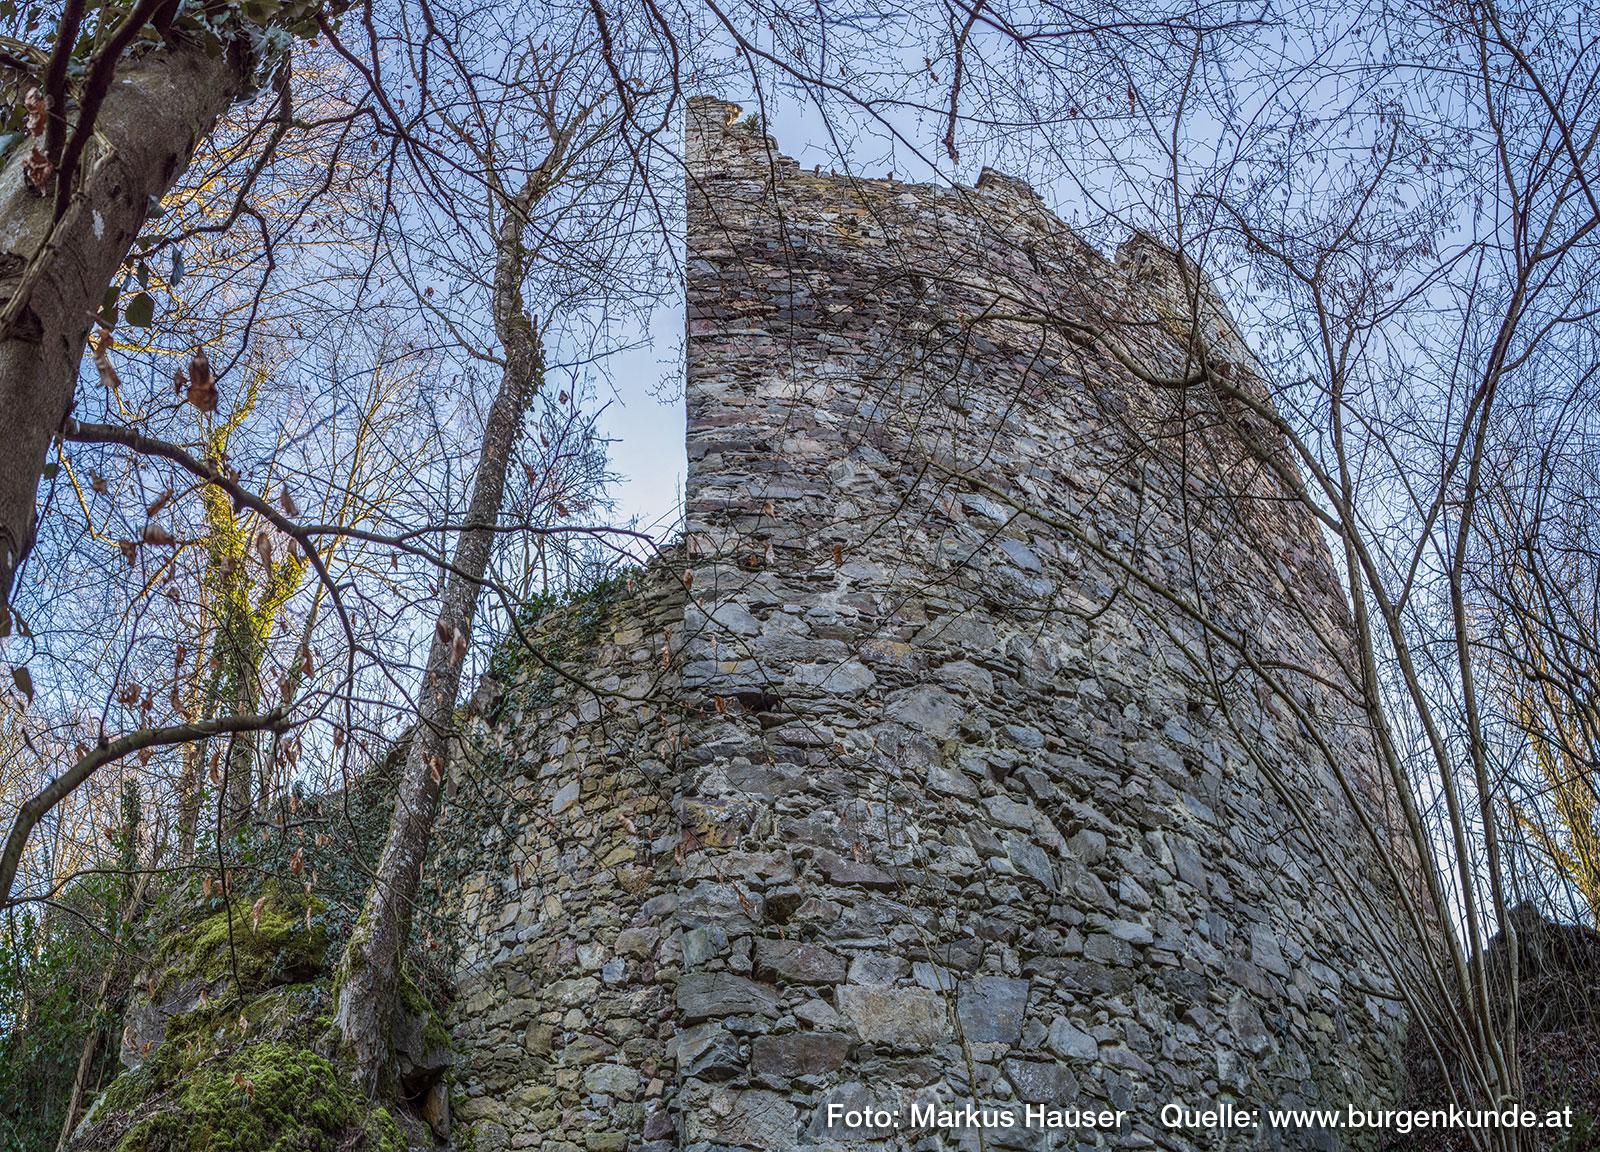 Im oberen Viertel des Turmes ist das verwendete Gestein viel heller als im unteren Teil des Turmes.